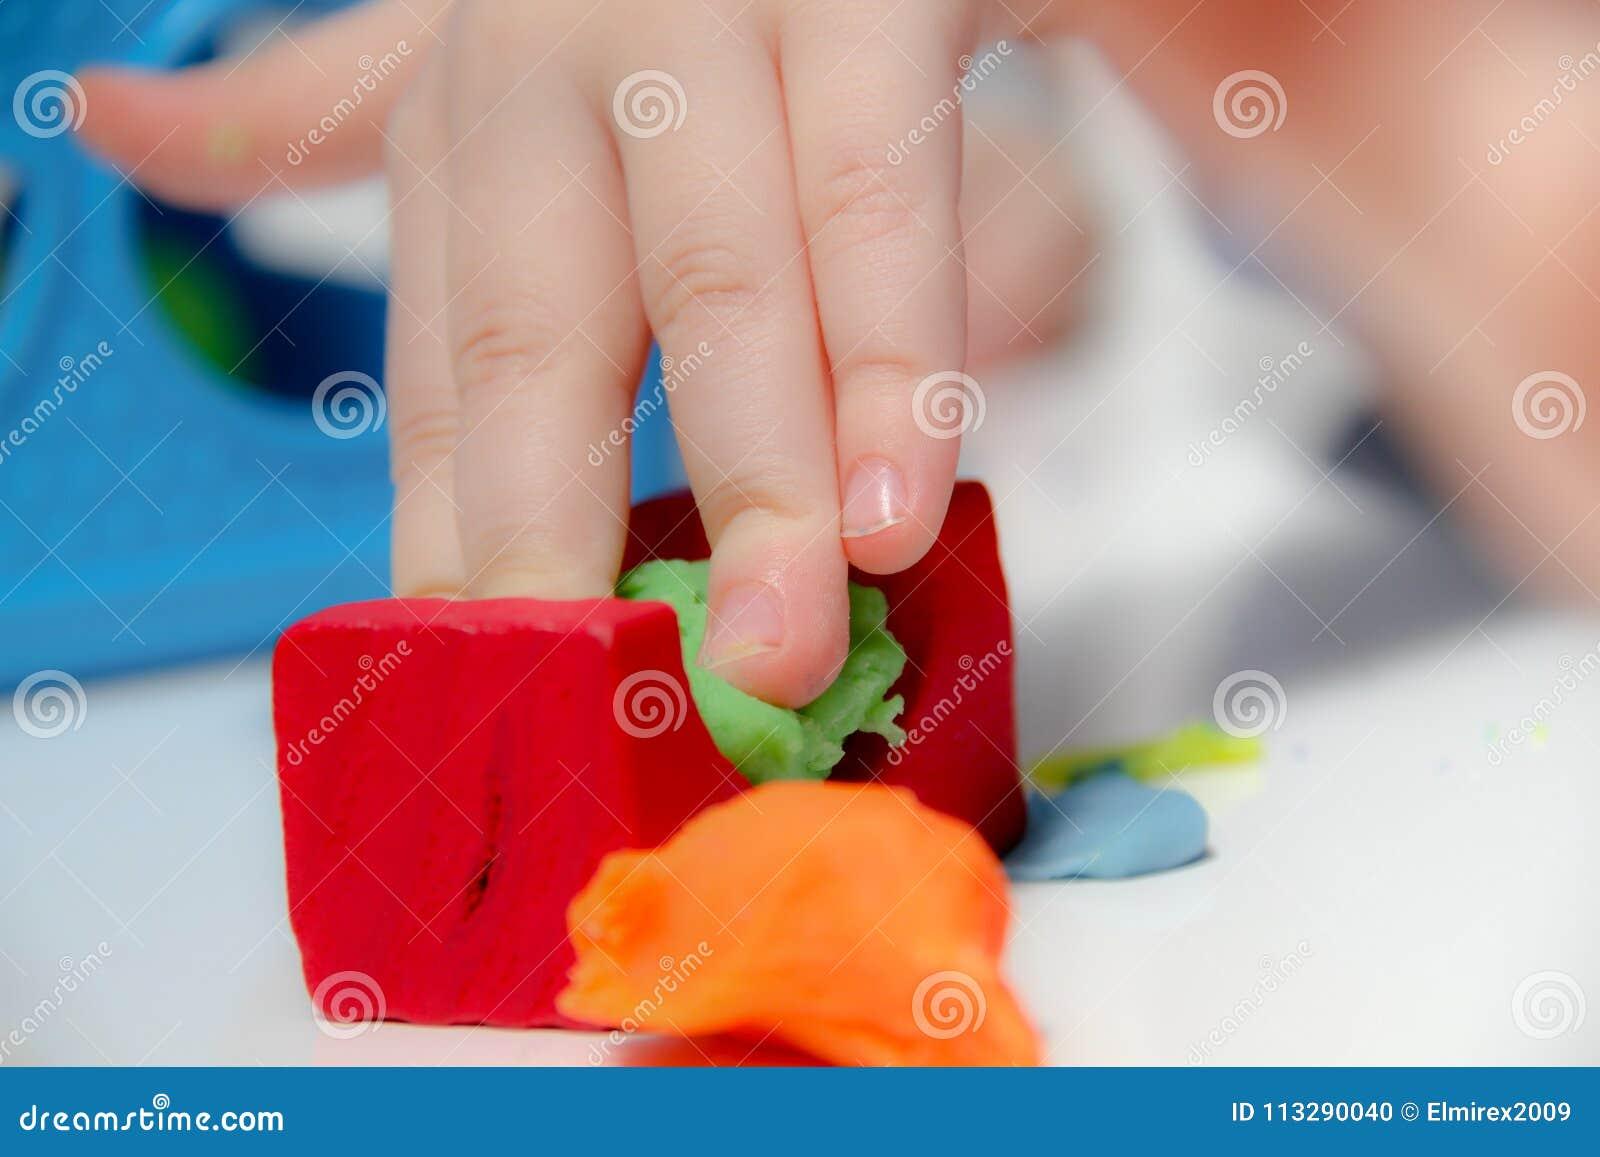 Το μικρό παιδί τρία χρονών κάθεται στον πίνακα και παίζει με το plasticine και τα ξύλινα και πλαστικά παιχνίδια, κύβοι και χωρίζε